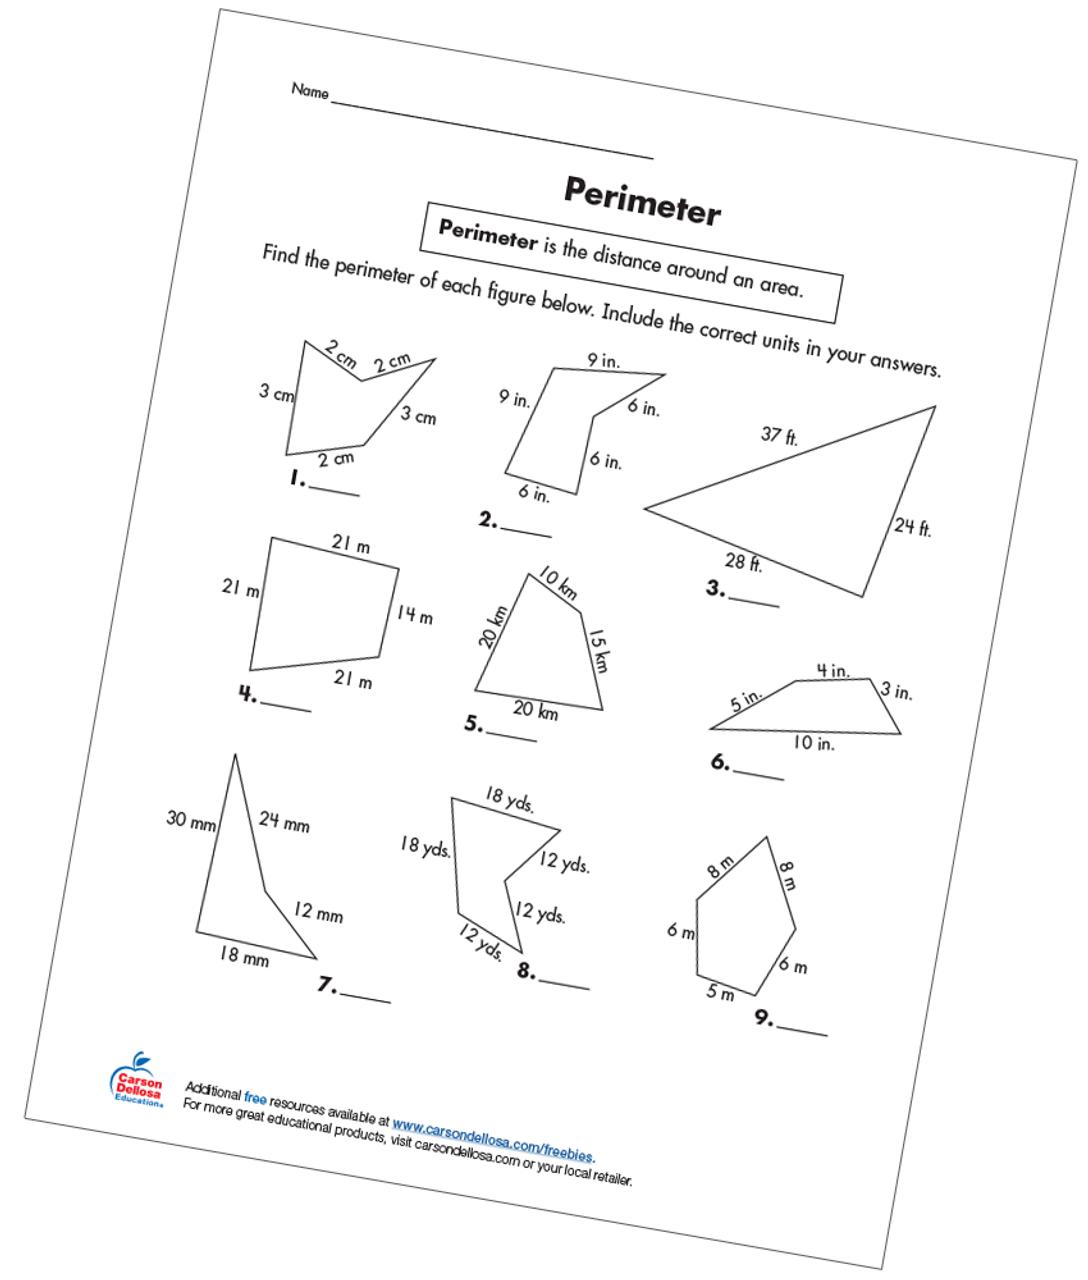 hight resolution of Perimeter Grade 3 Free Printable - Carson Dellosa Education